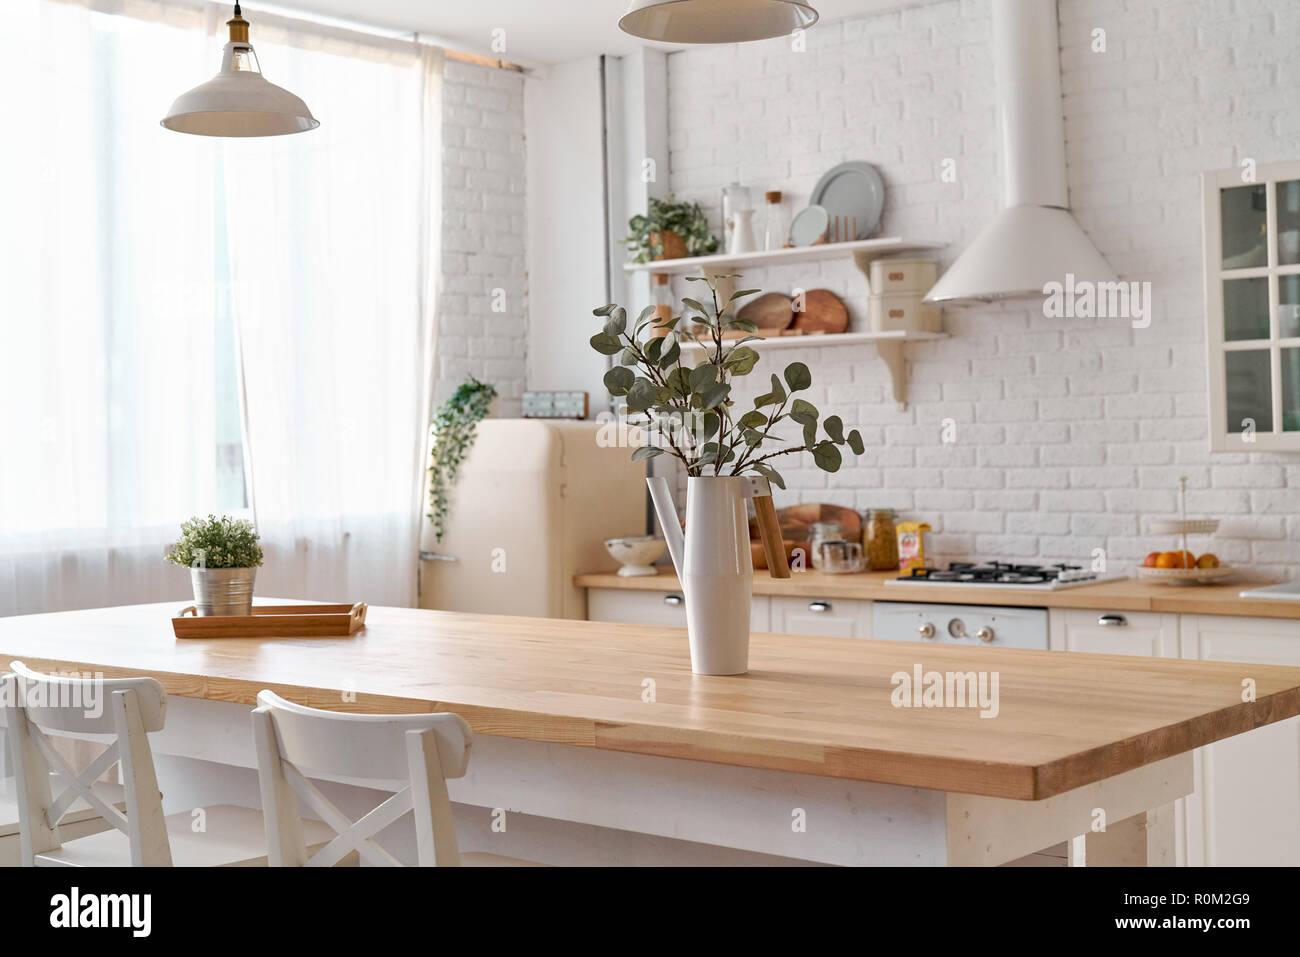 Küche Tisch Küche Hintergrund Stockfoto Bild 224175849 Alamy